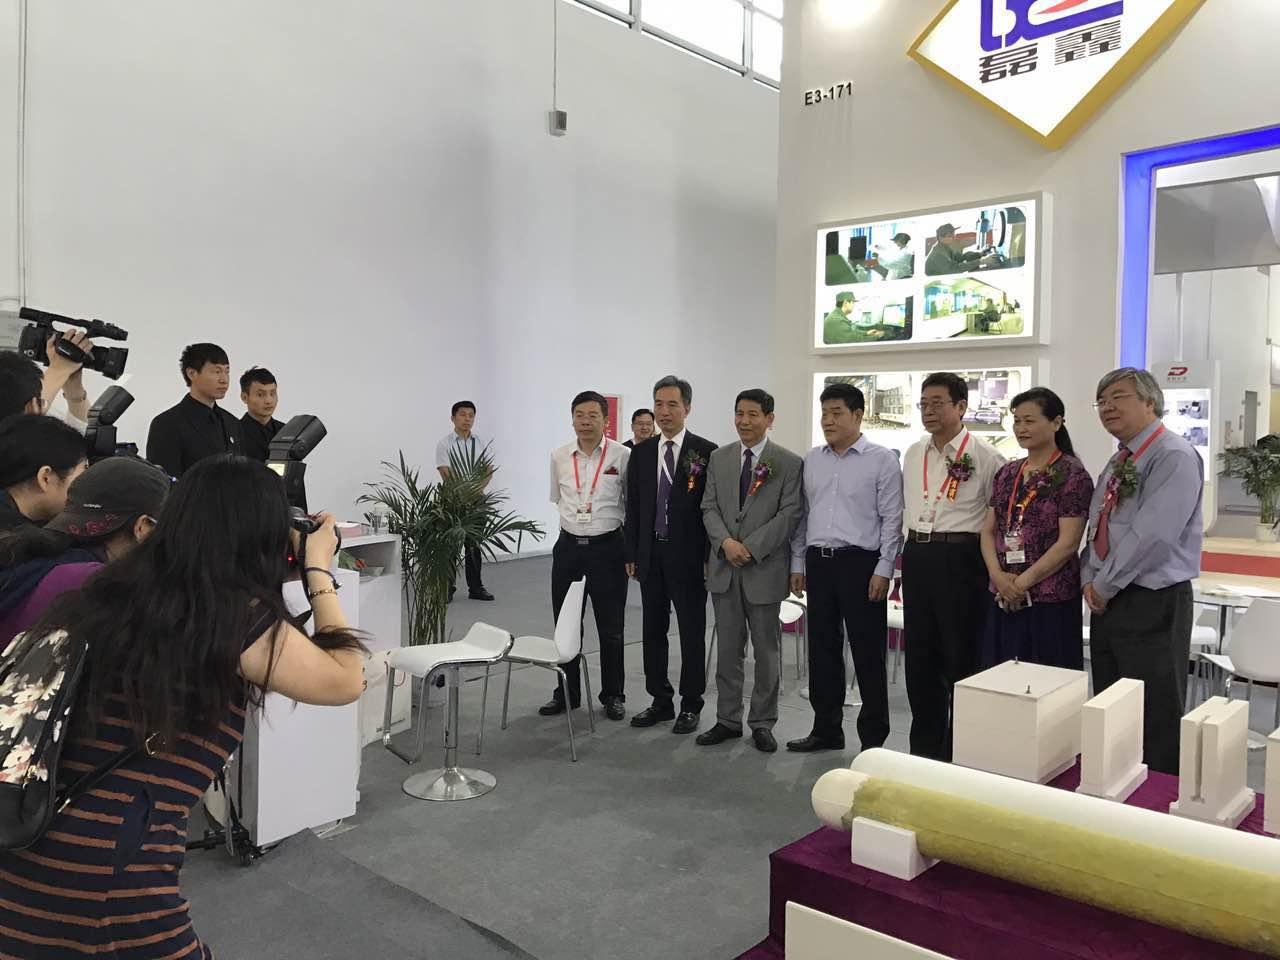 中国yzc88亚洲城官网展开幕,全球yzc88亚洲城官网网与您相约W2-026展位